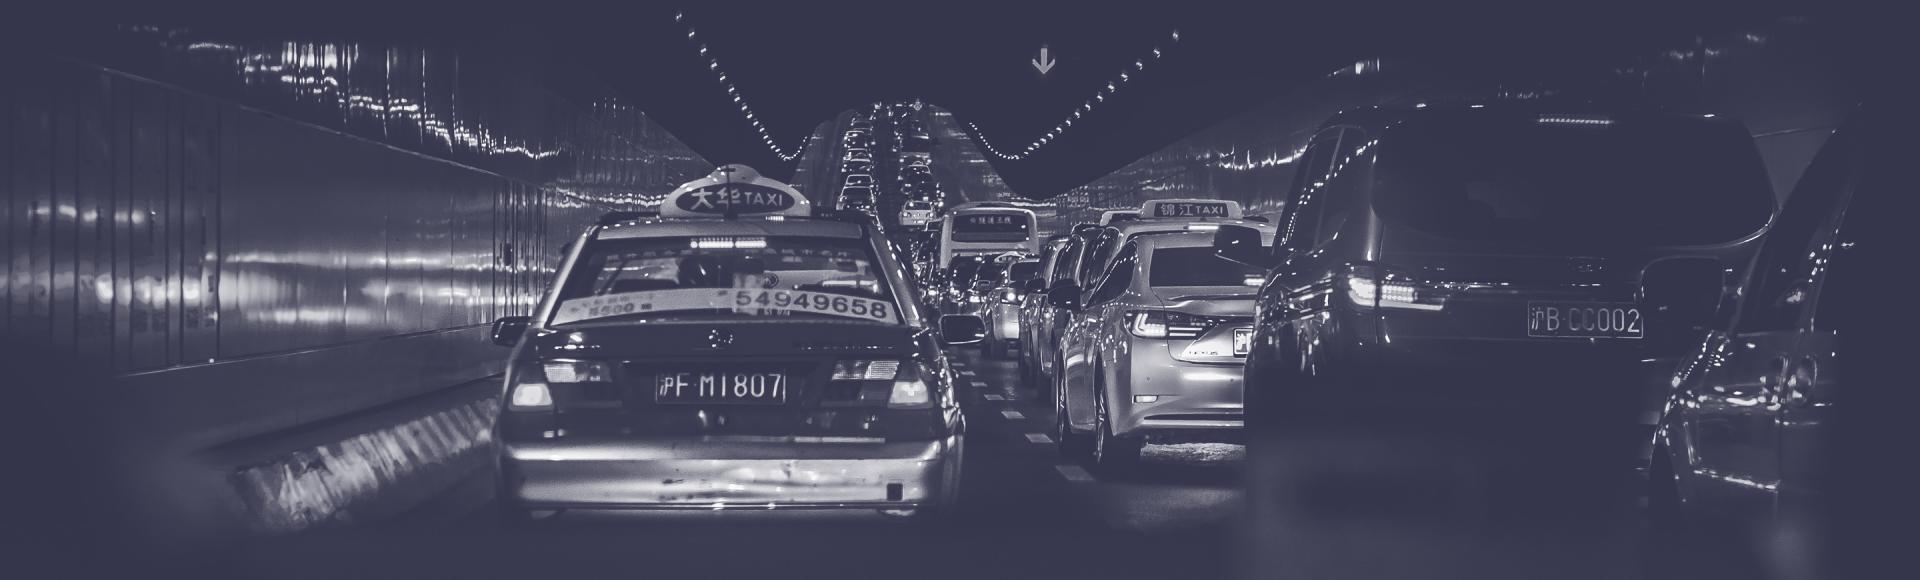 ARK-Invest_Blog-Banner_2017_07_17---China-Autonomous-Car